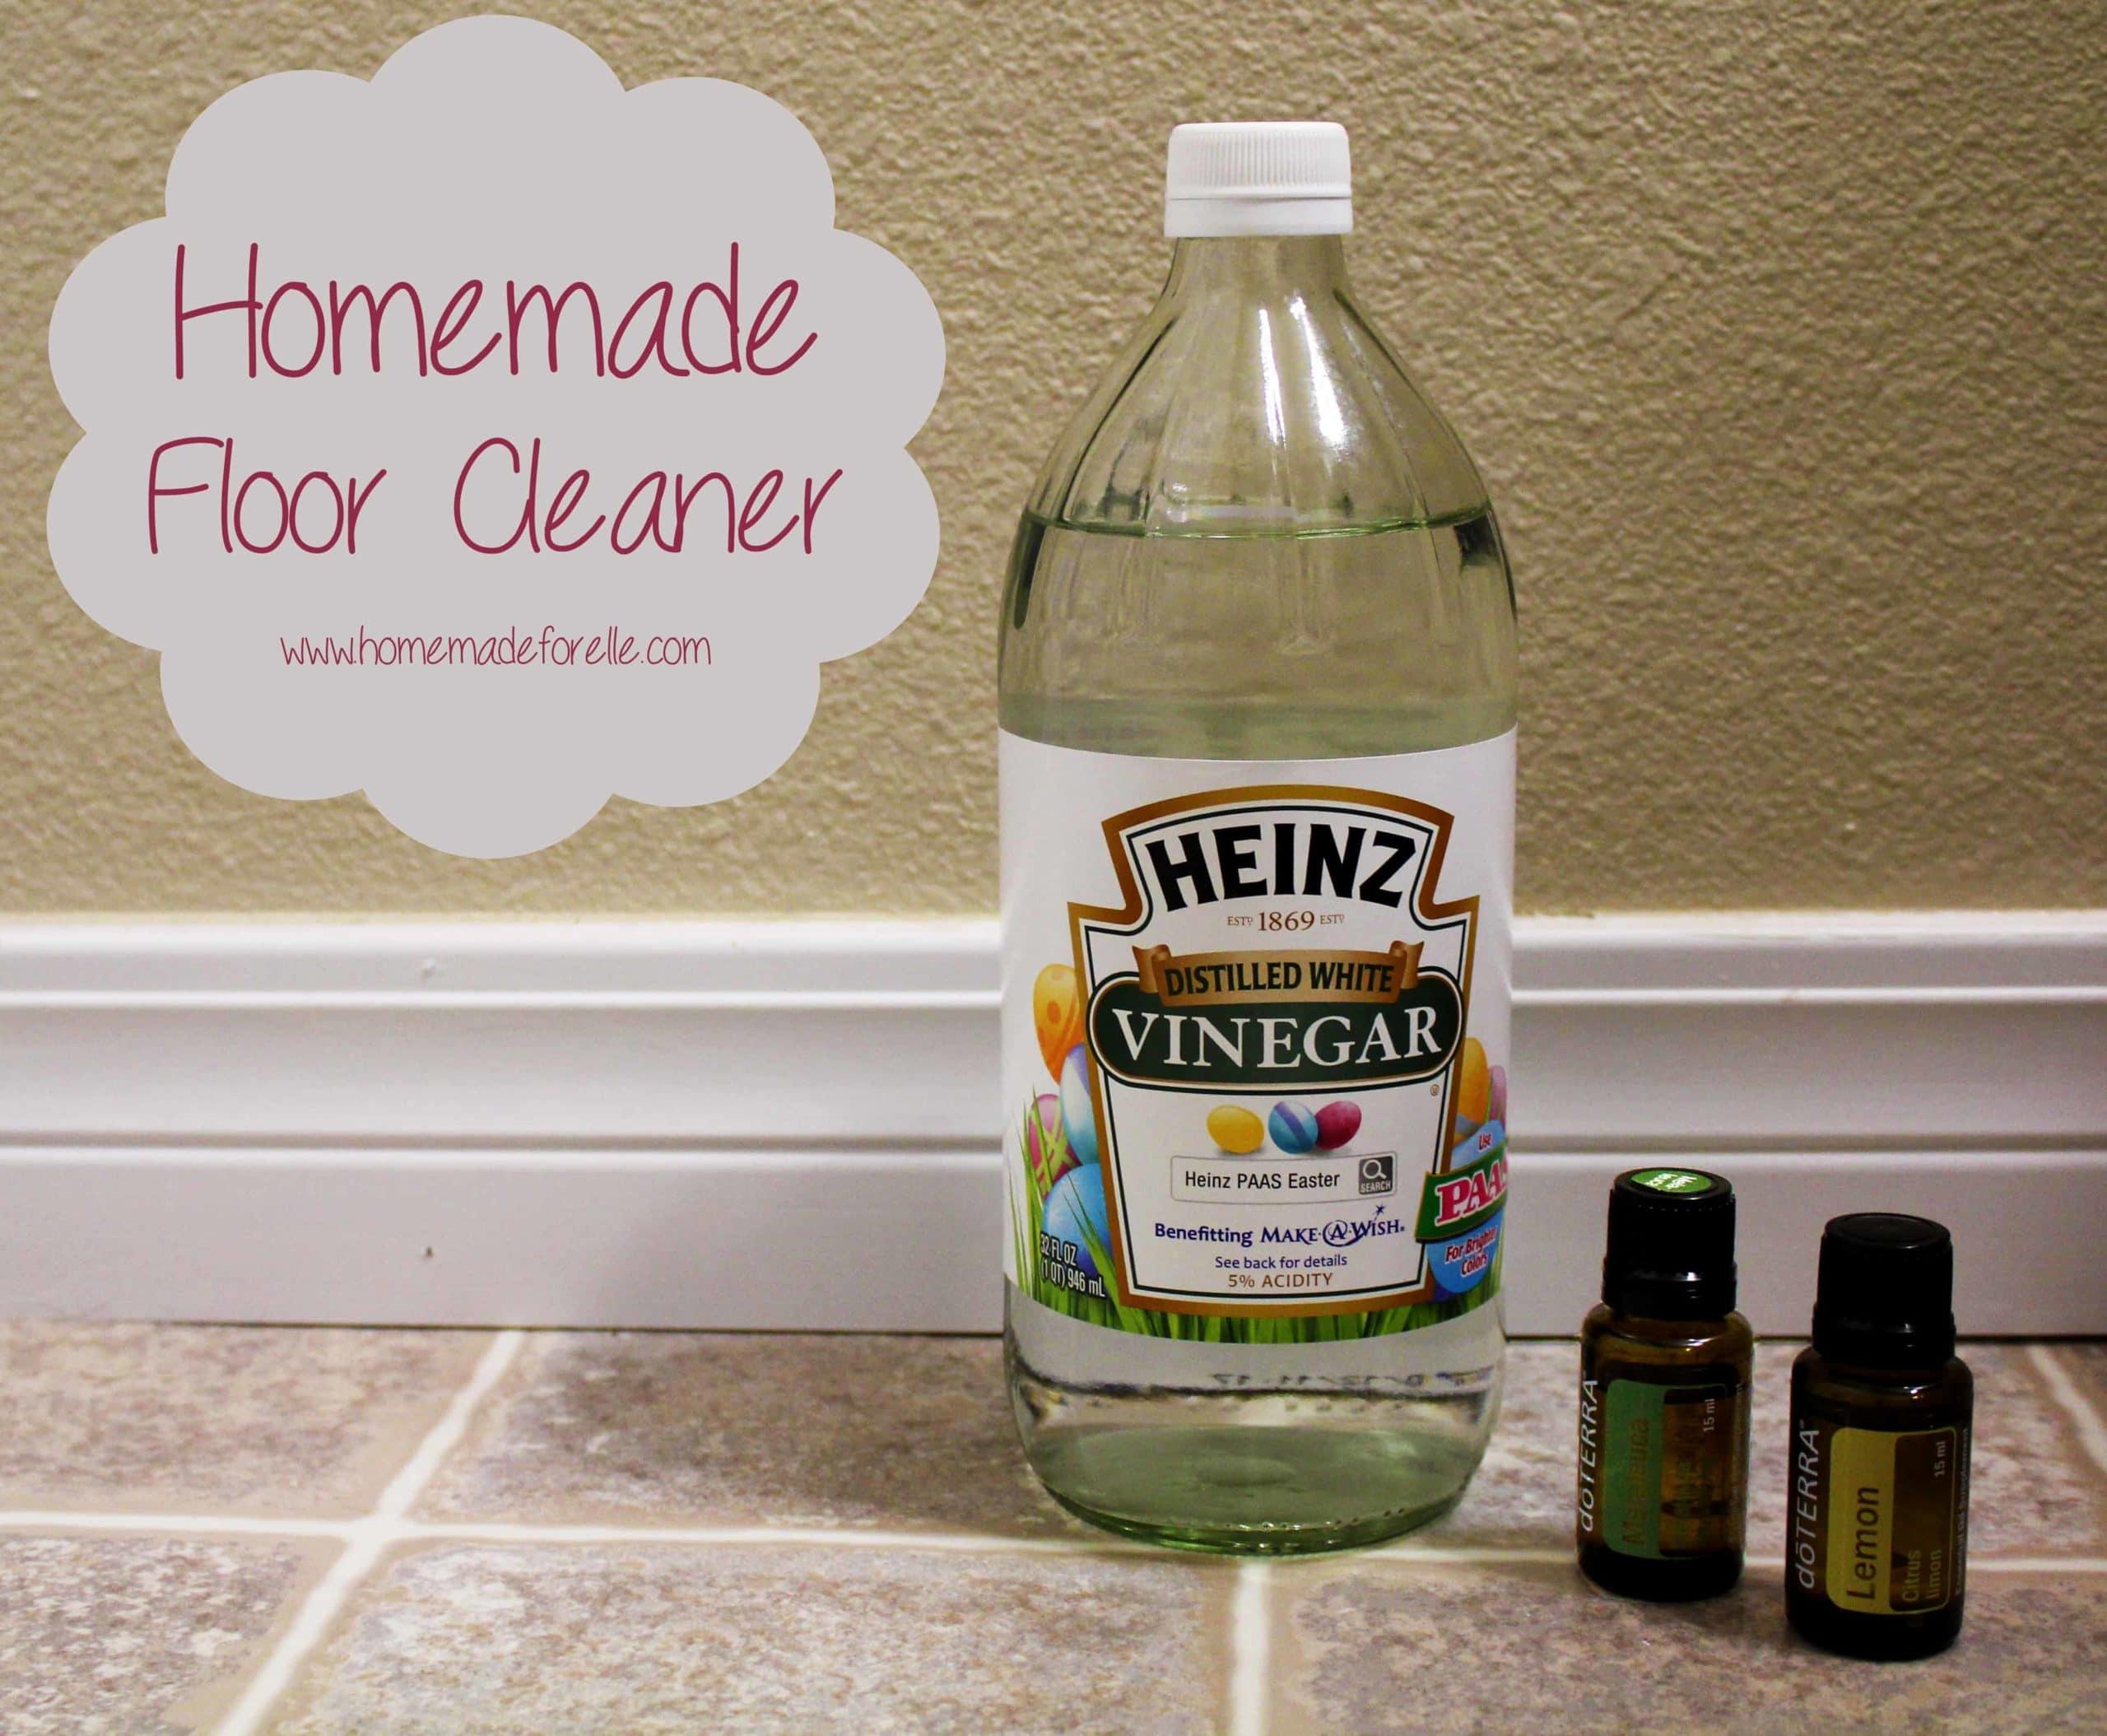 Homemade Floor Cleaner